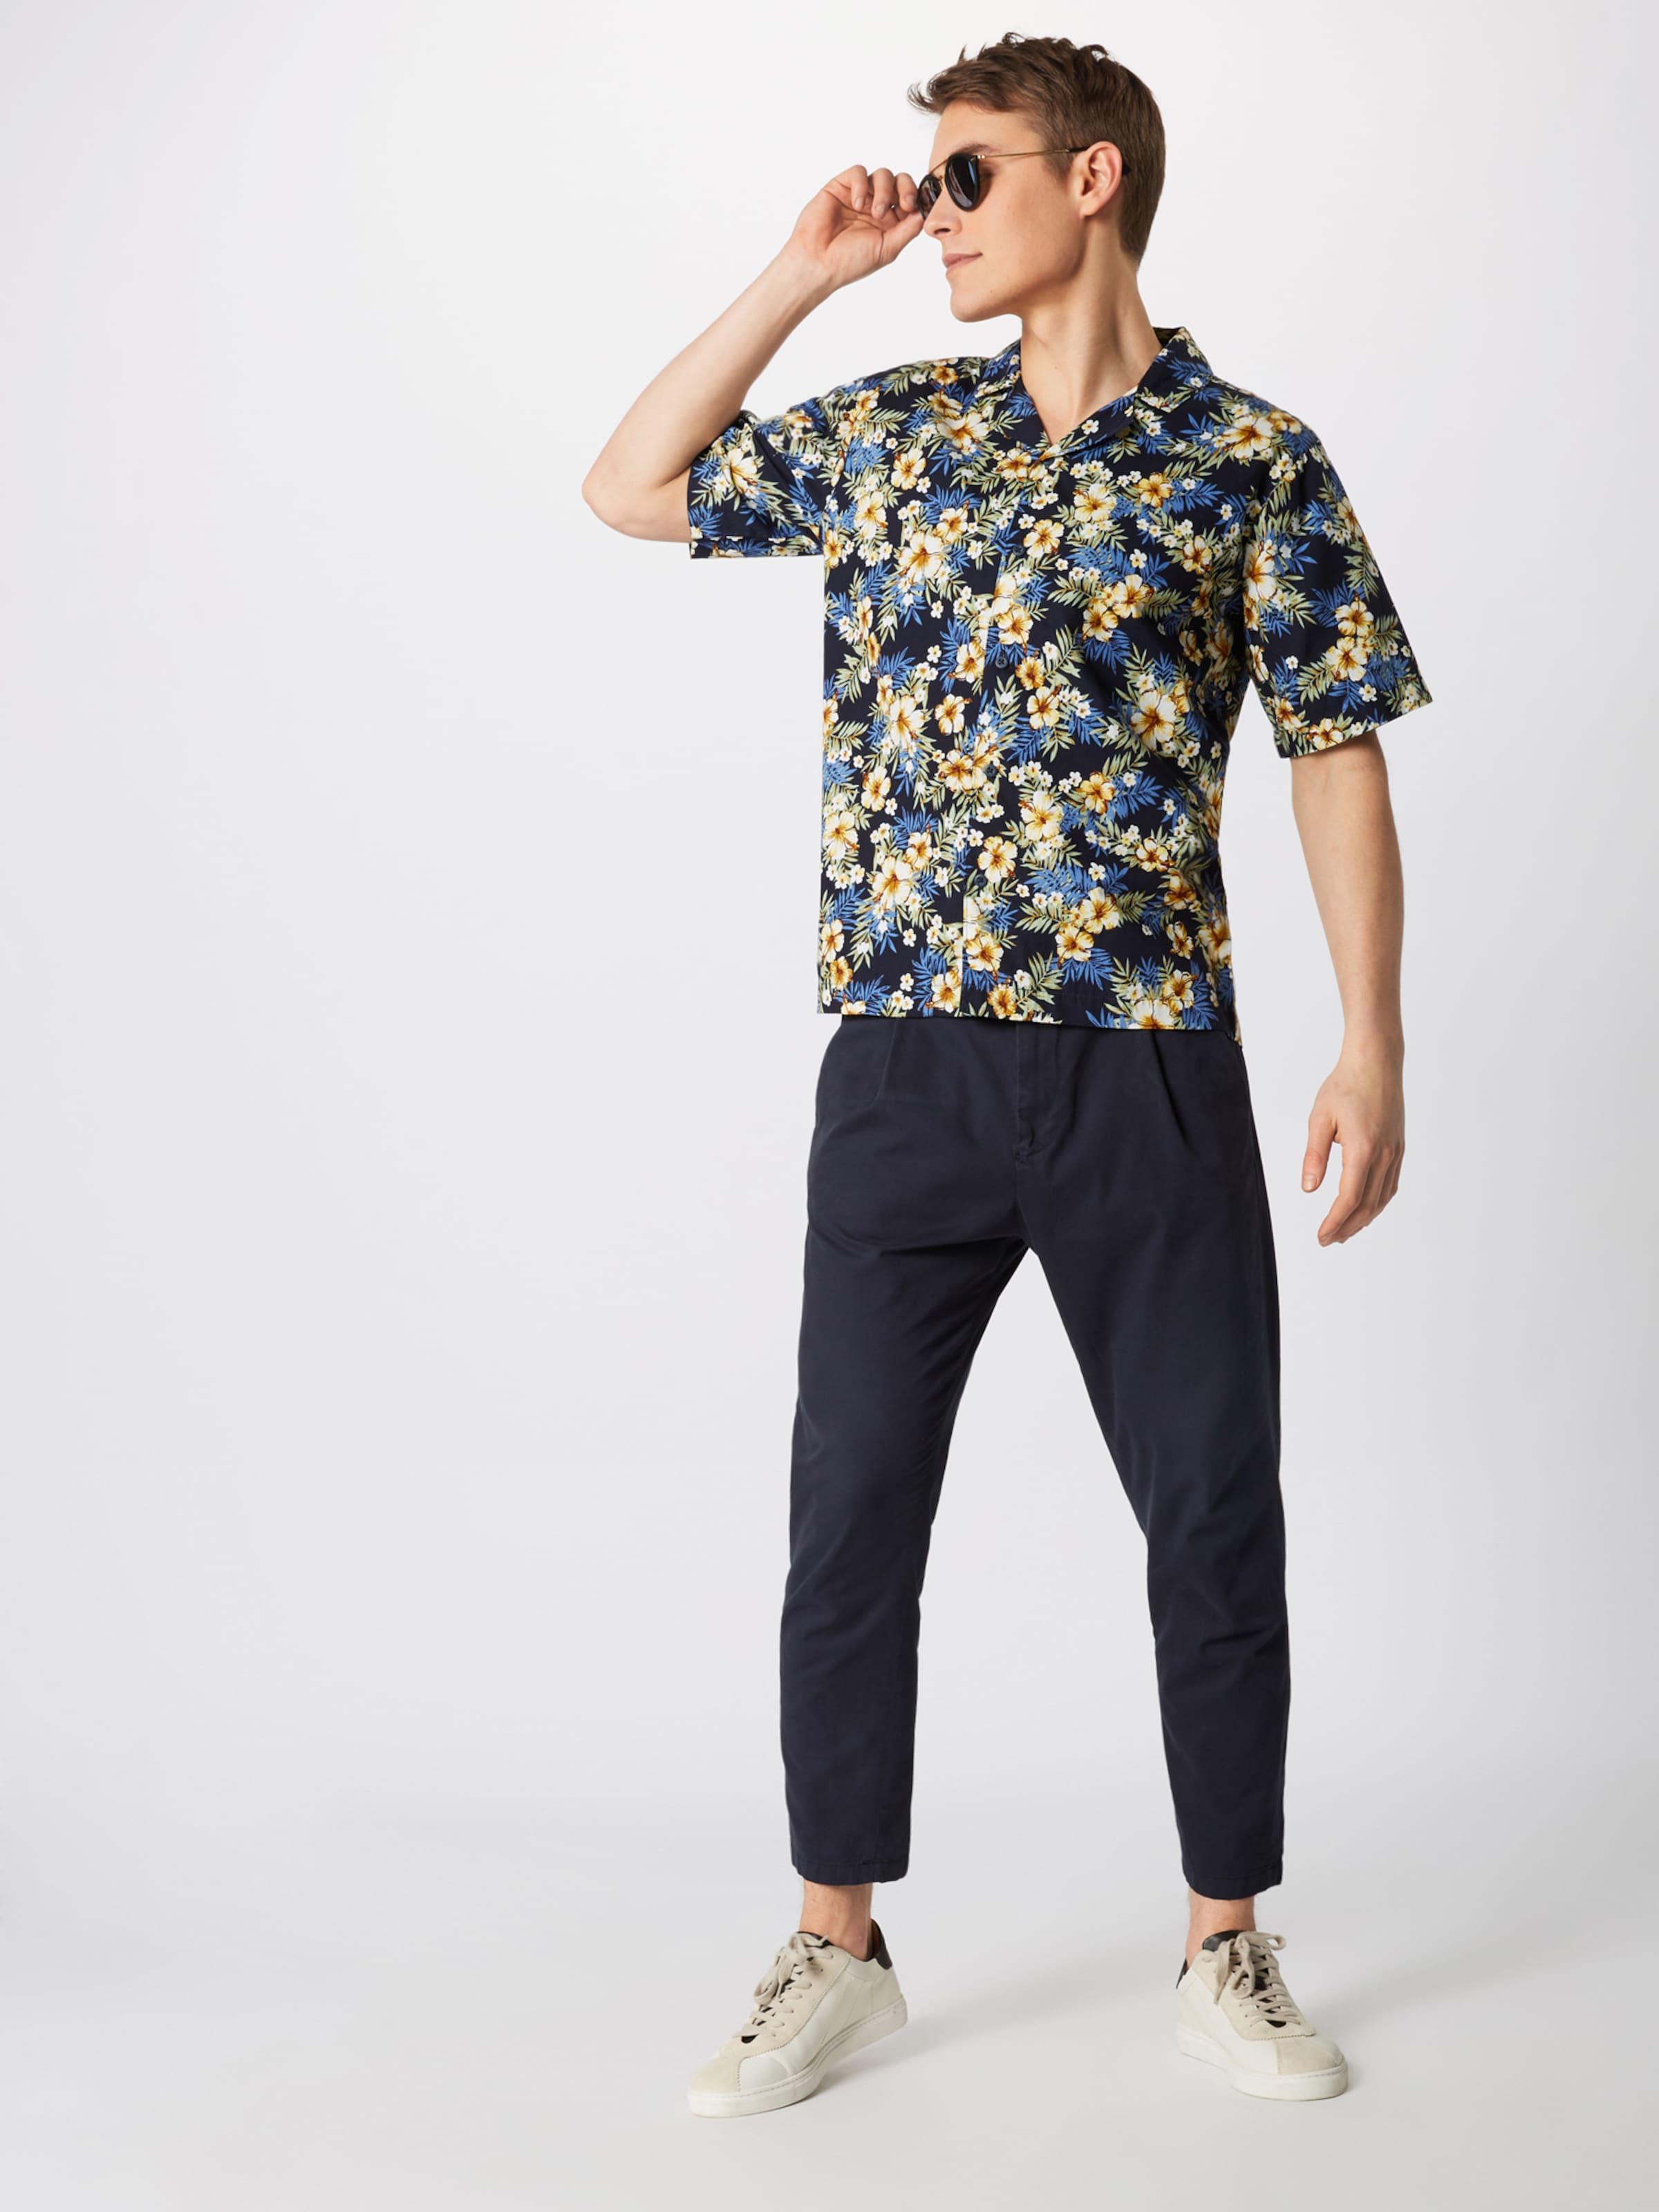 En Couleurs 'pattern De Bleu CobaltMélange Urban Chemise Classics Shirt' Resort Y6byIf7gmv